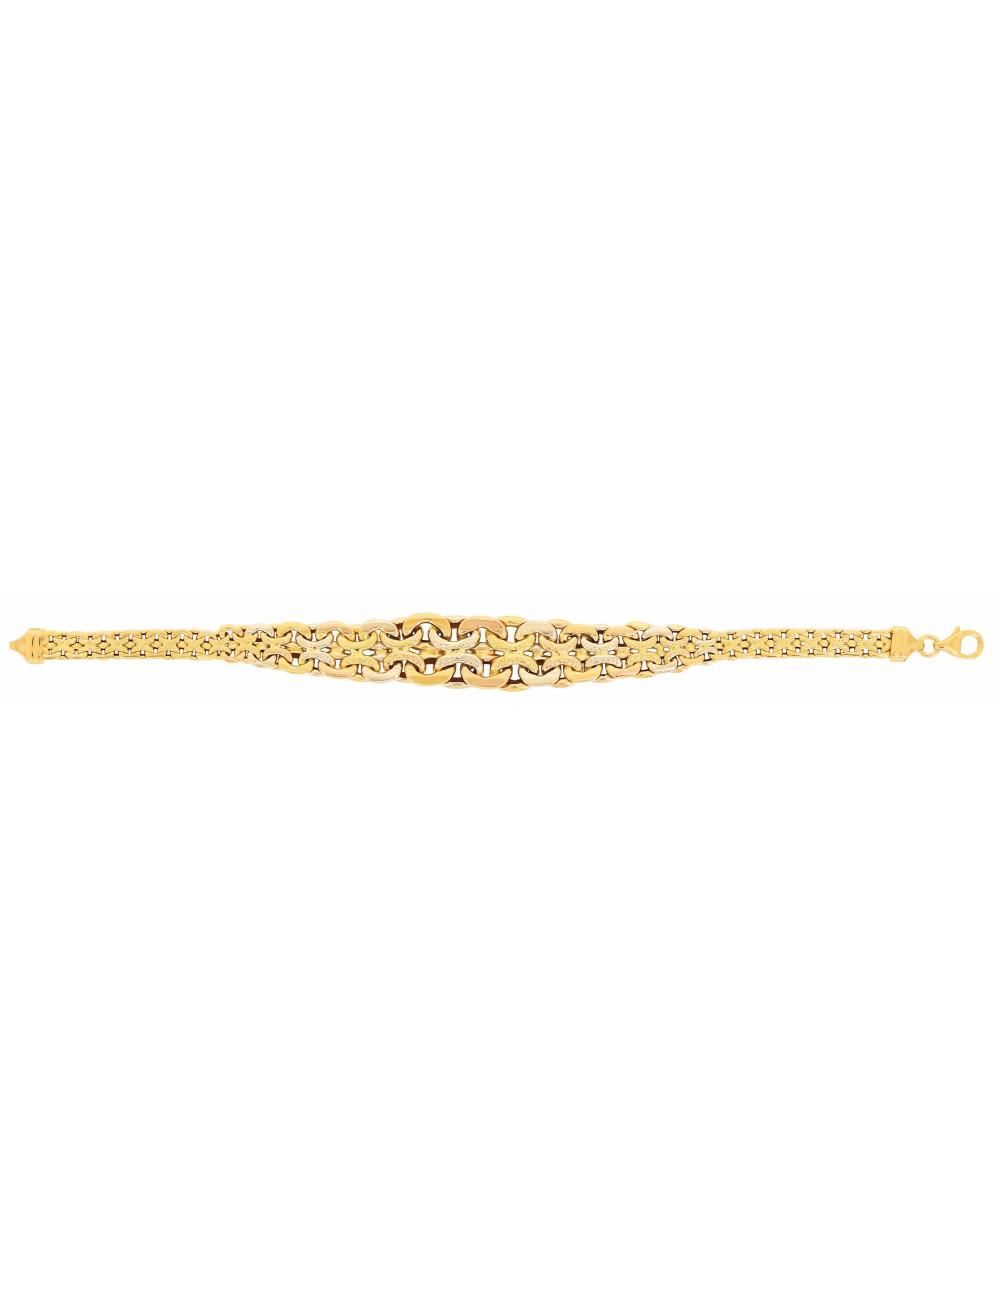 Bracelet maille or jaune 750/1000 femme